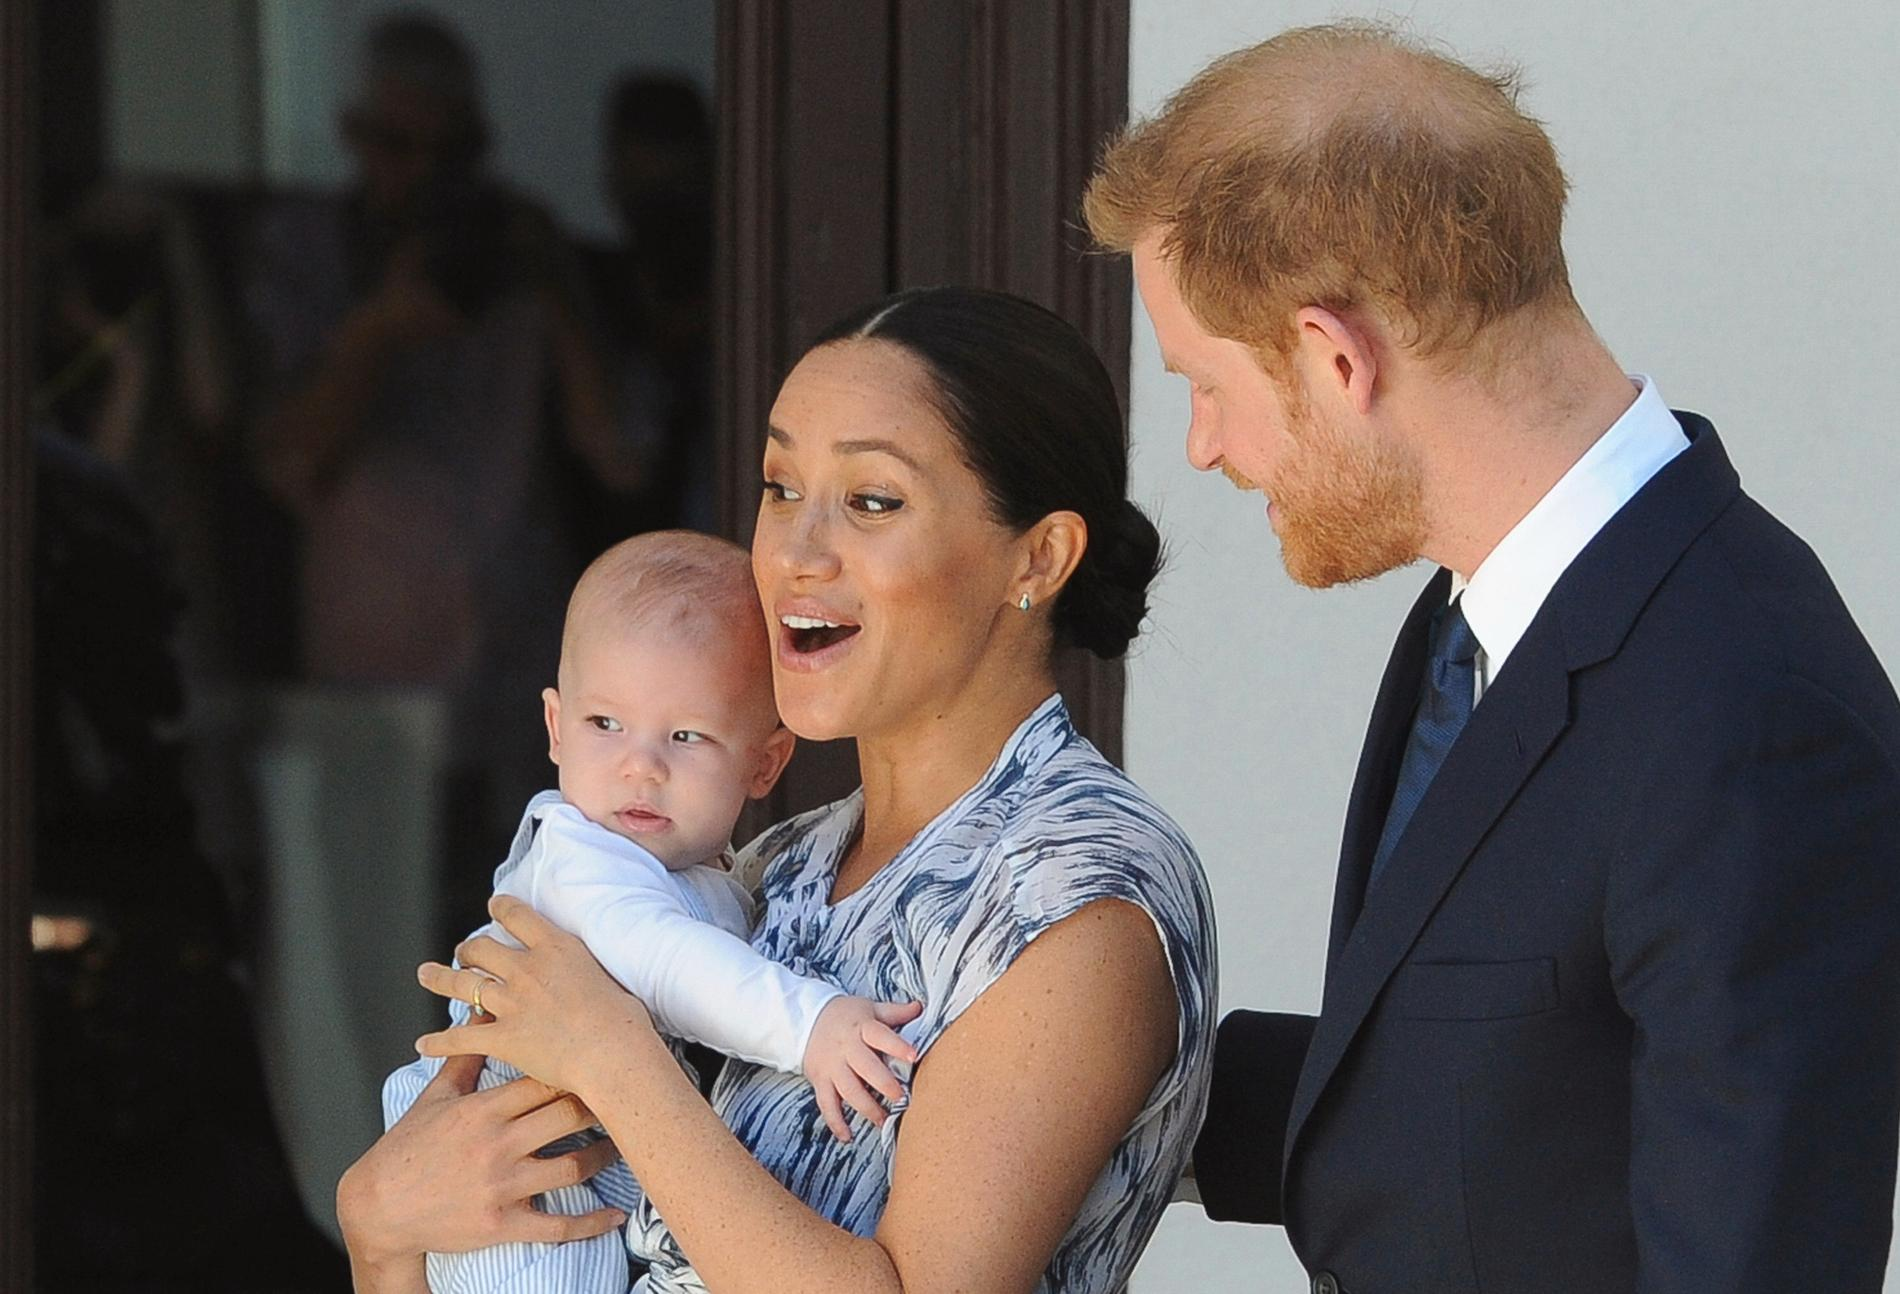 Prins Harry och Meghan Markle blev föräldrar 2019 och väntar nu sitt andra barn.